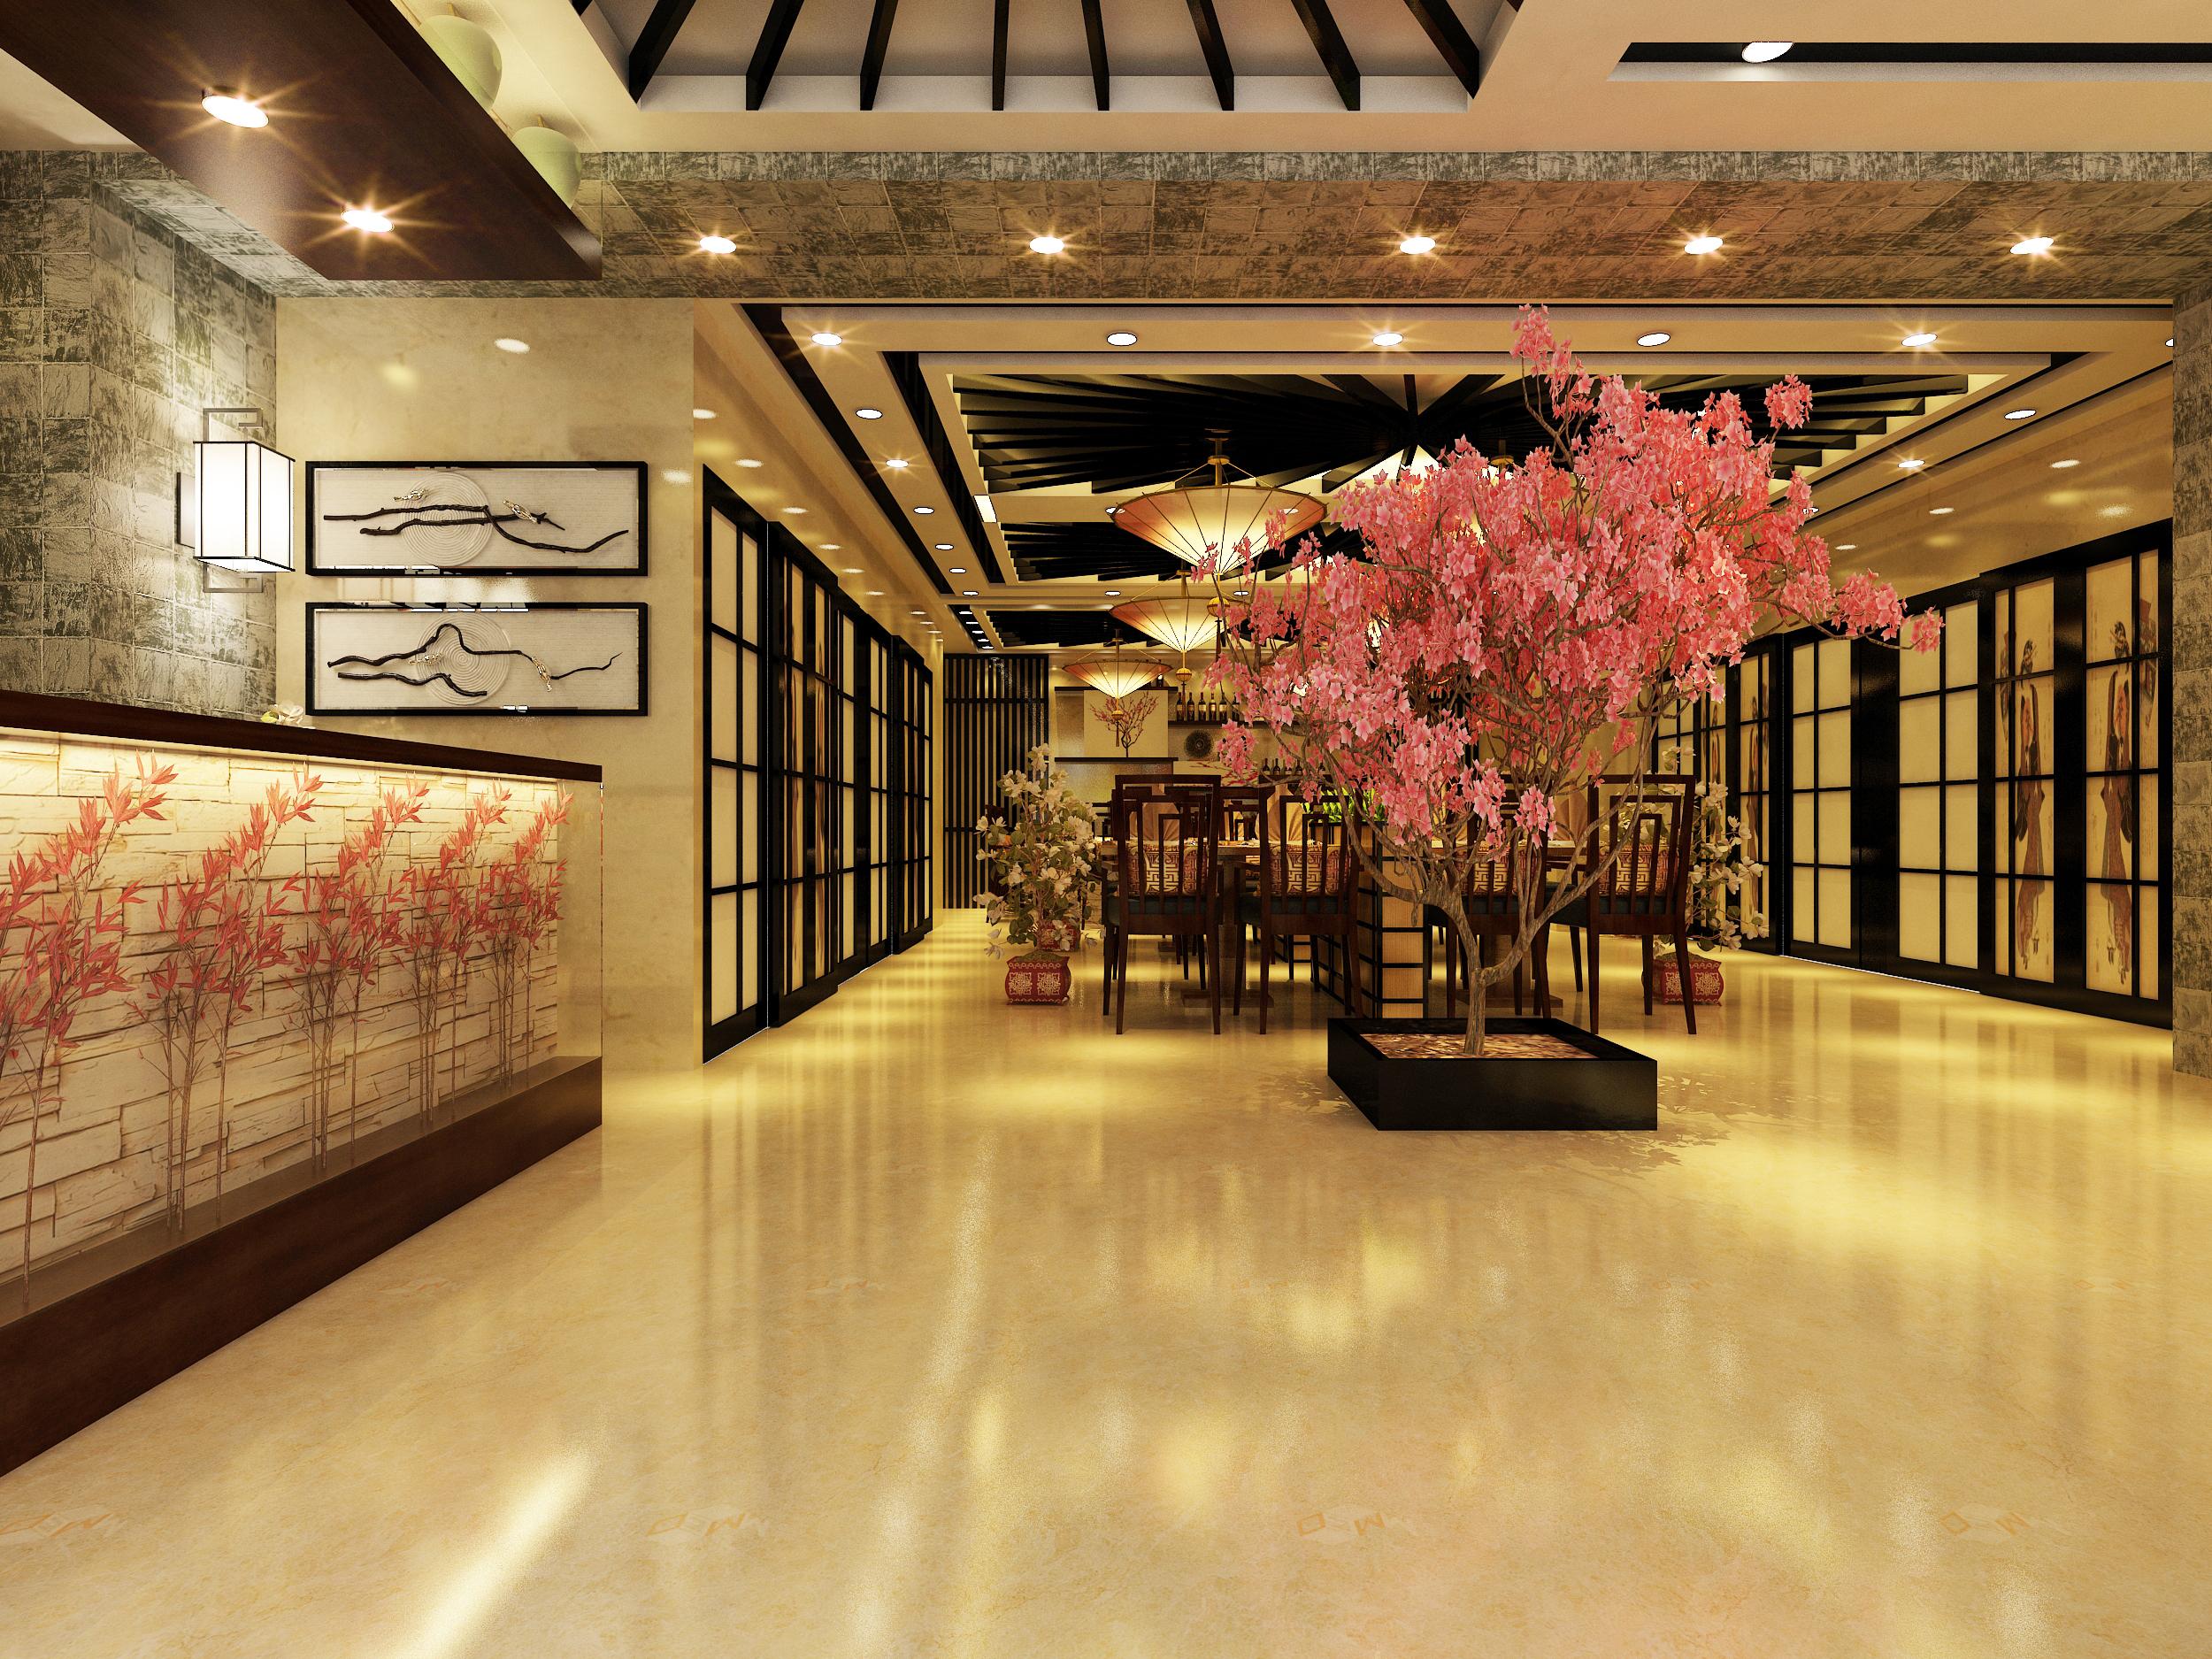 成都有特色的寿司店装修设计